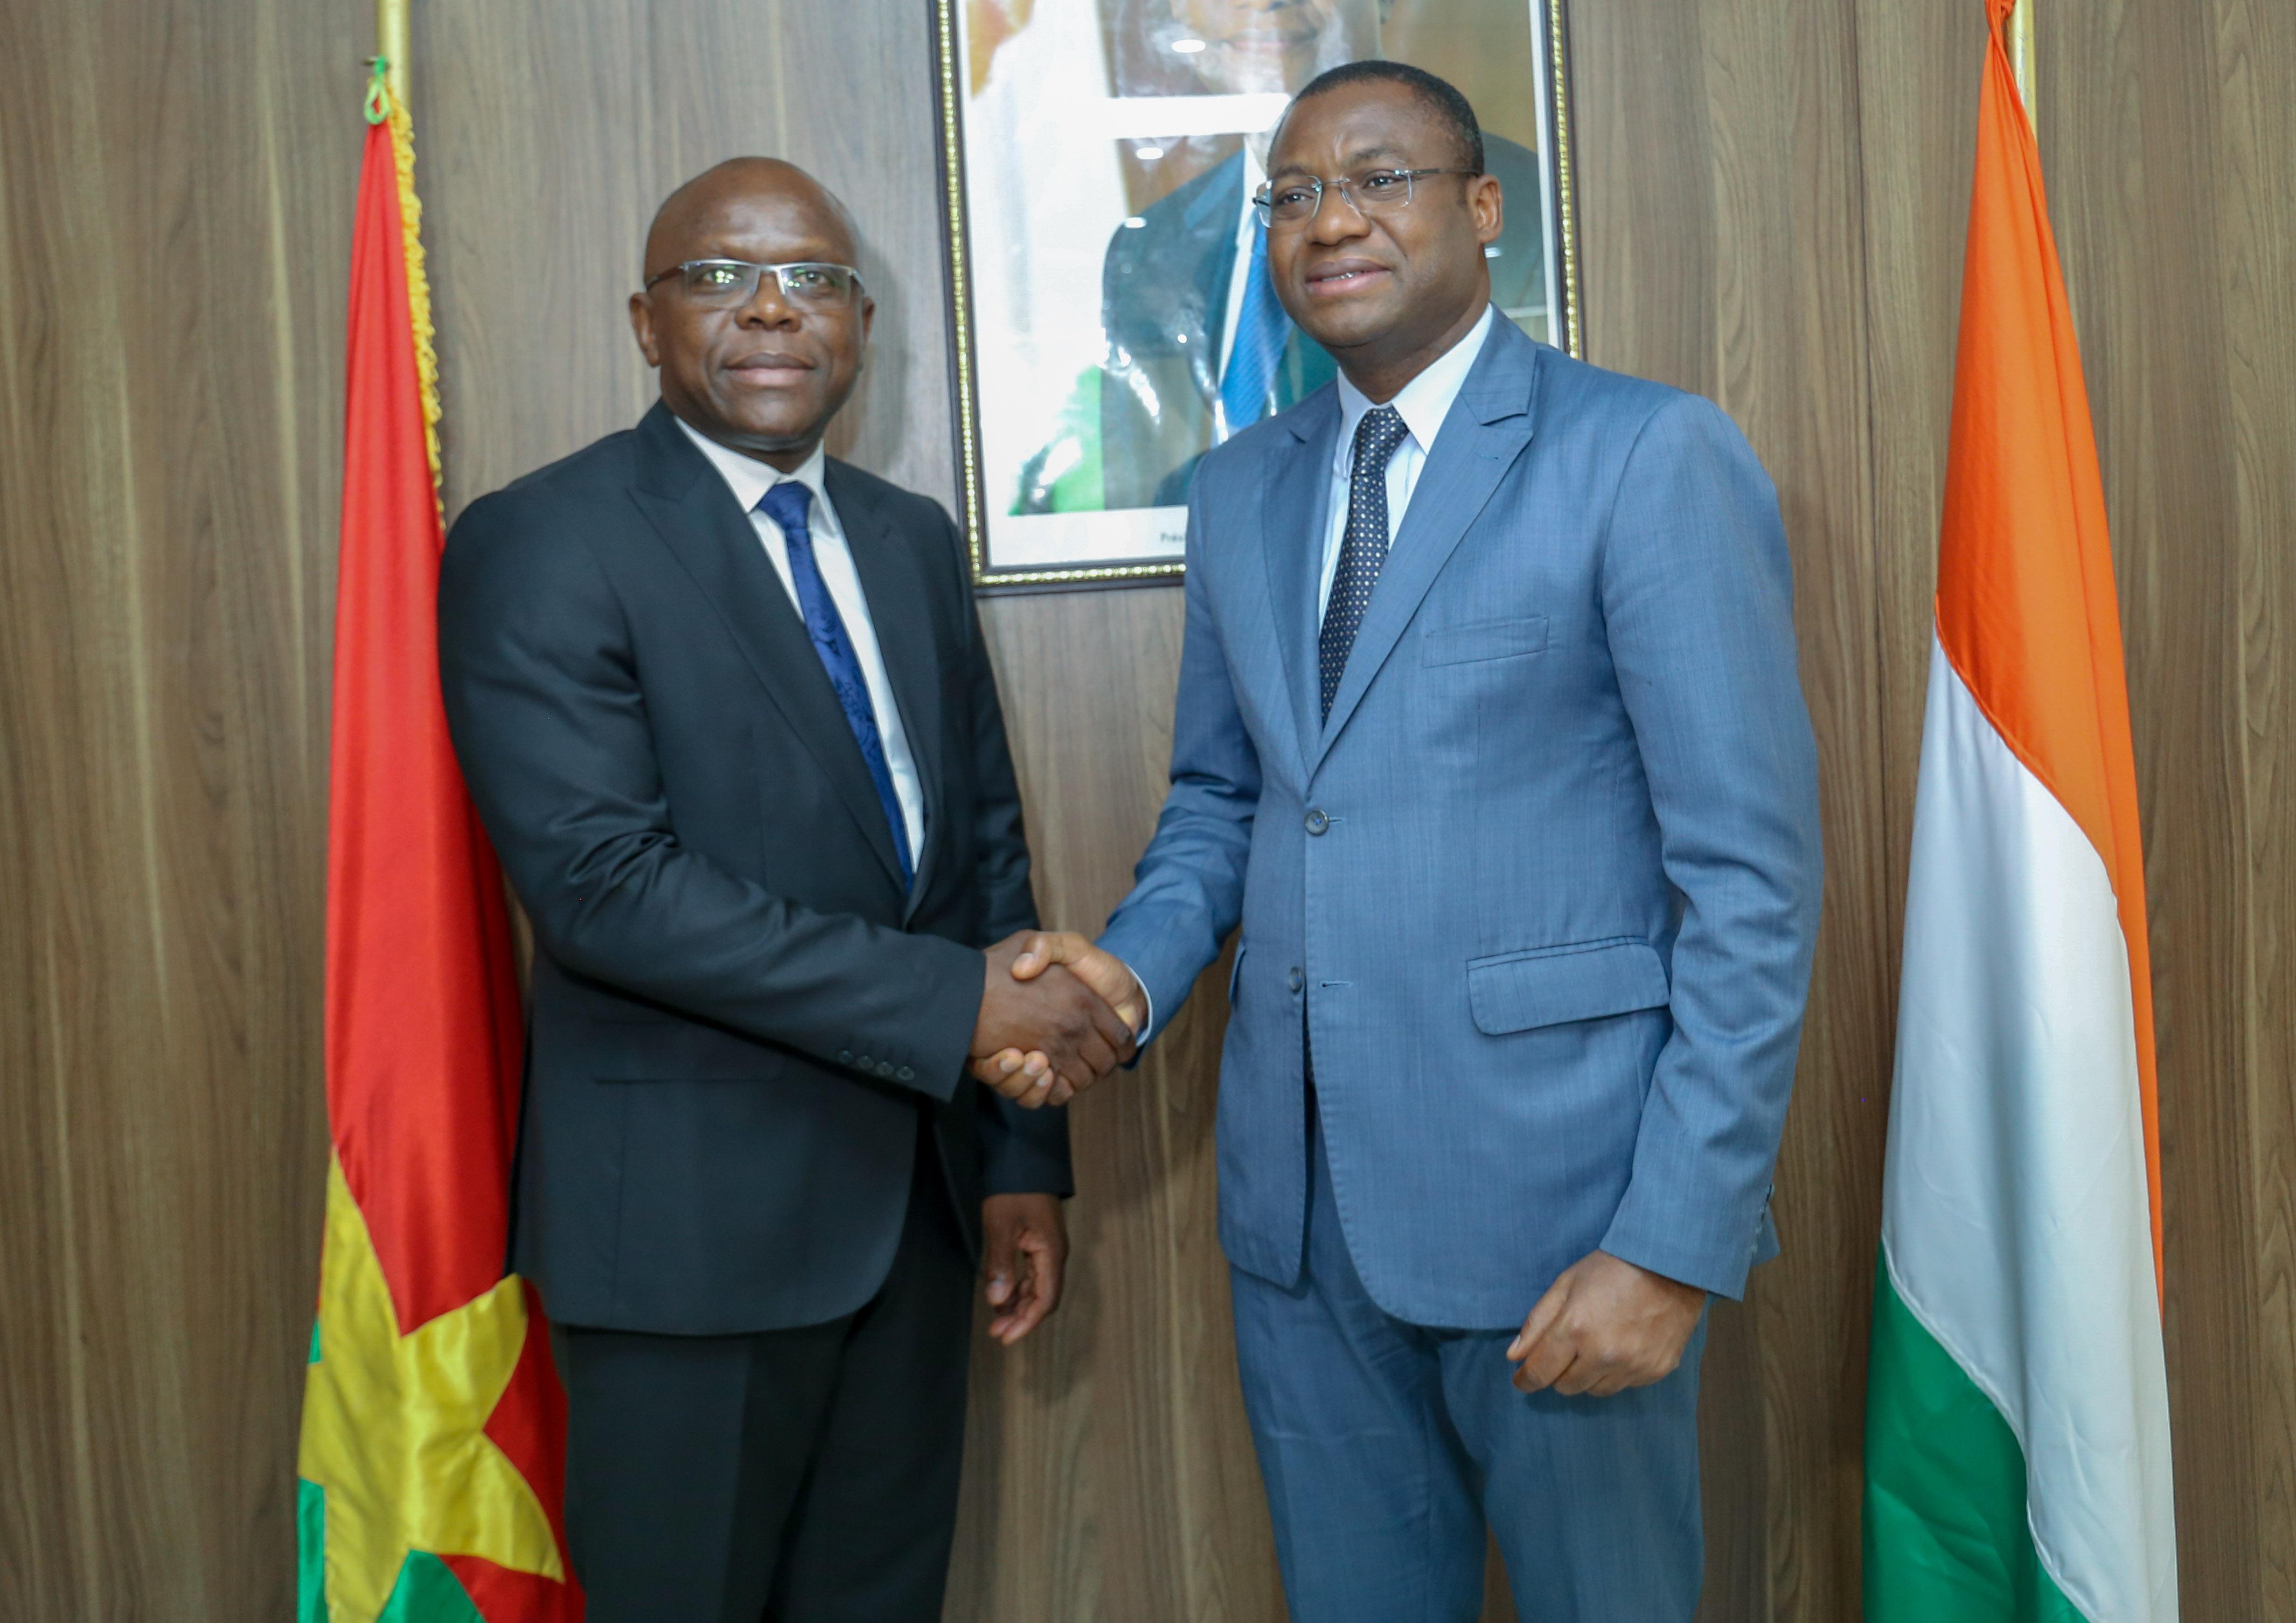 Universités africaines de la communication de Ouagadougou,UACO,Sidi Tiémoko Touré,Rémis Fulgance Dandjinou